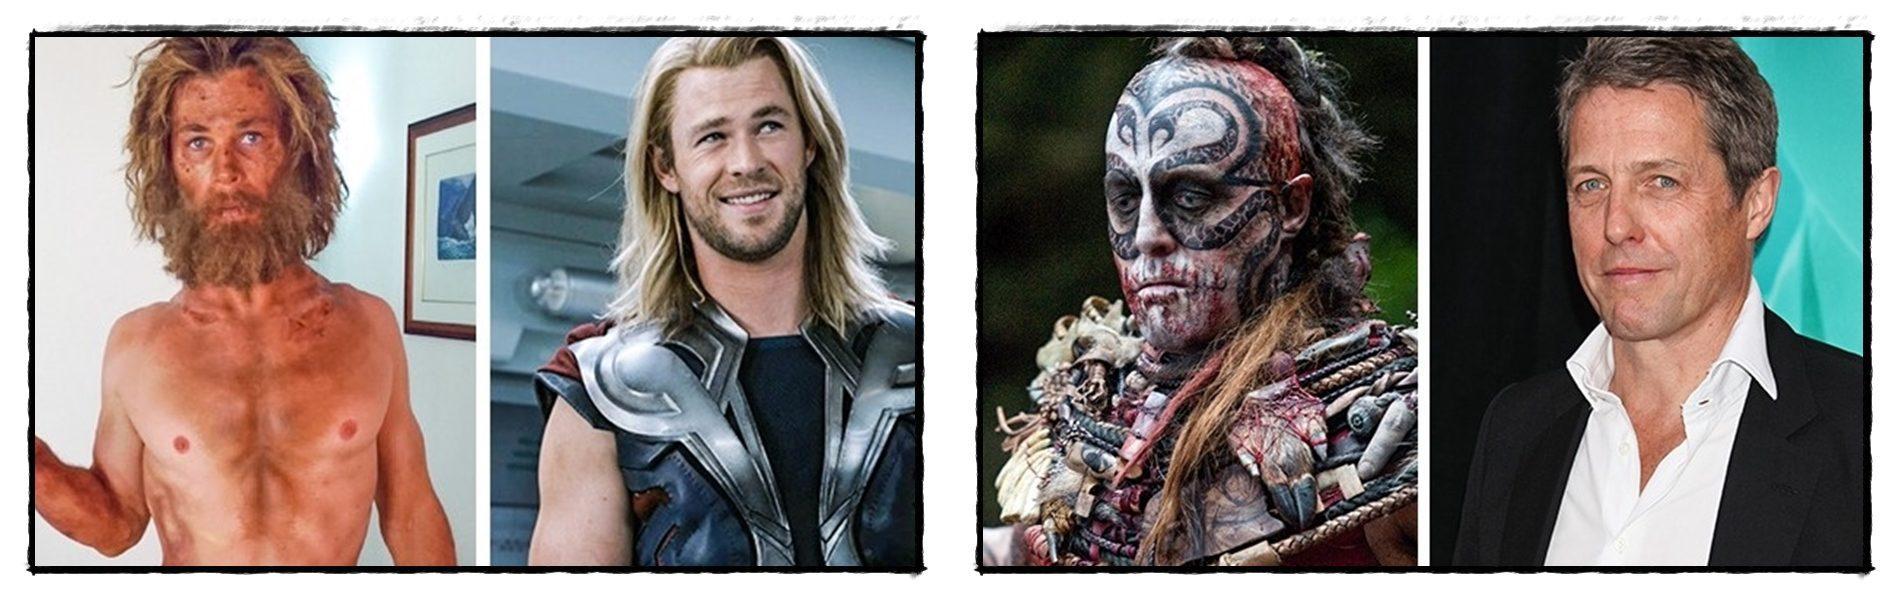 Színészek és elképesztő átalakulásaik